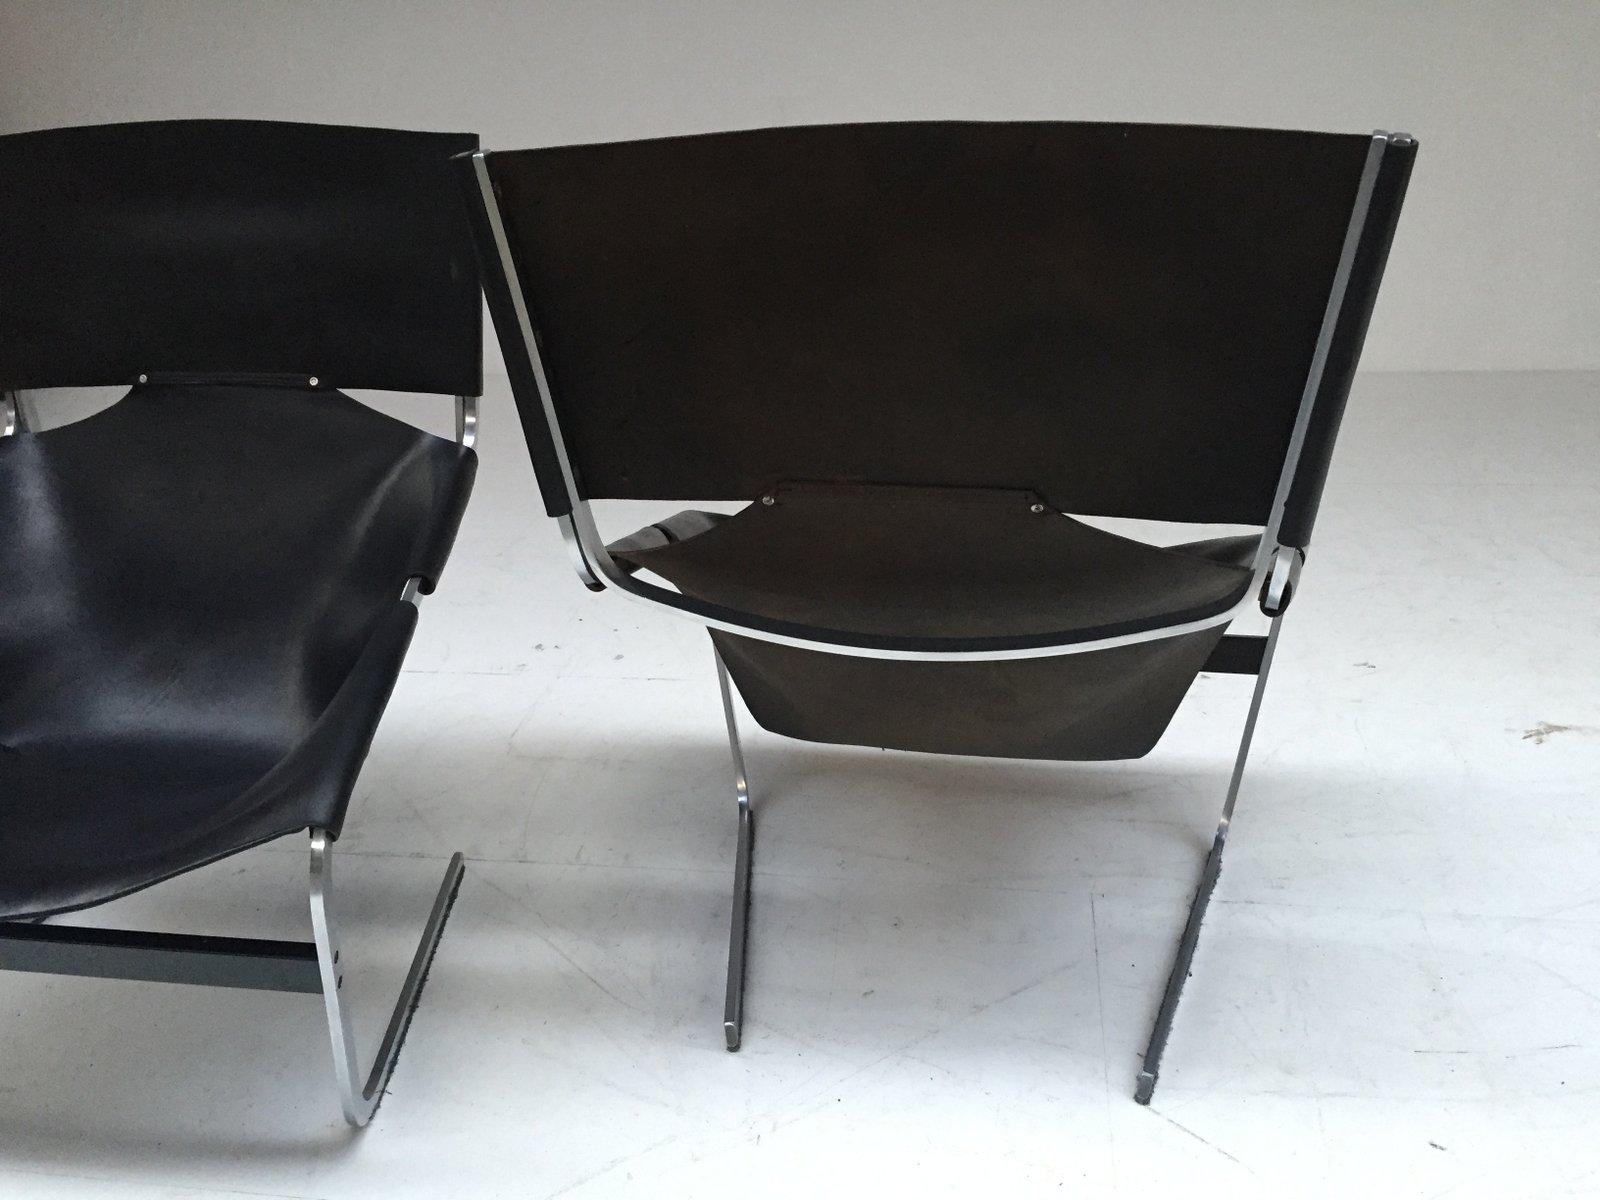 chaise f444 par pierre paulin pour artifort 1965 en vente sur pamono. Black Bedroom Furniture Sets. Home Design Ideas